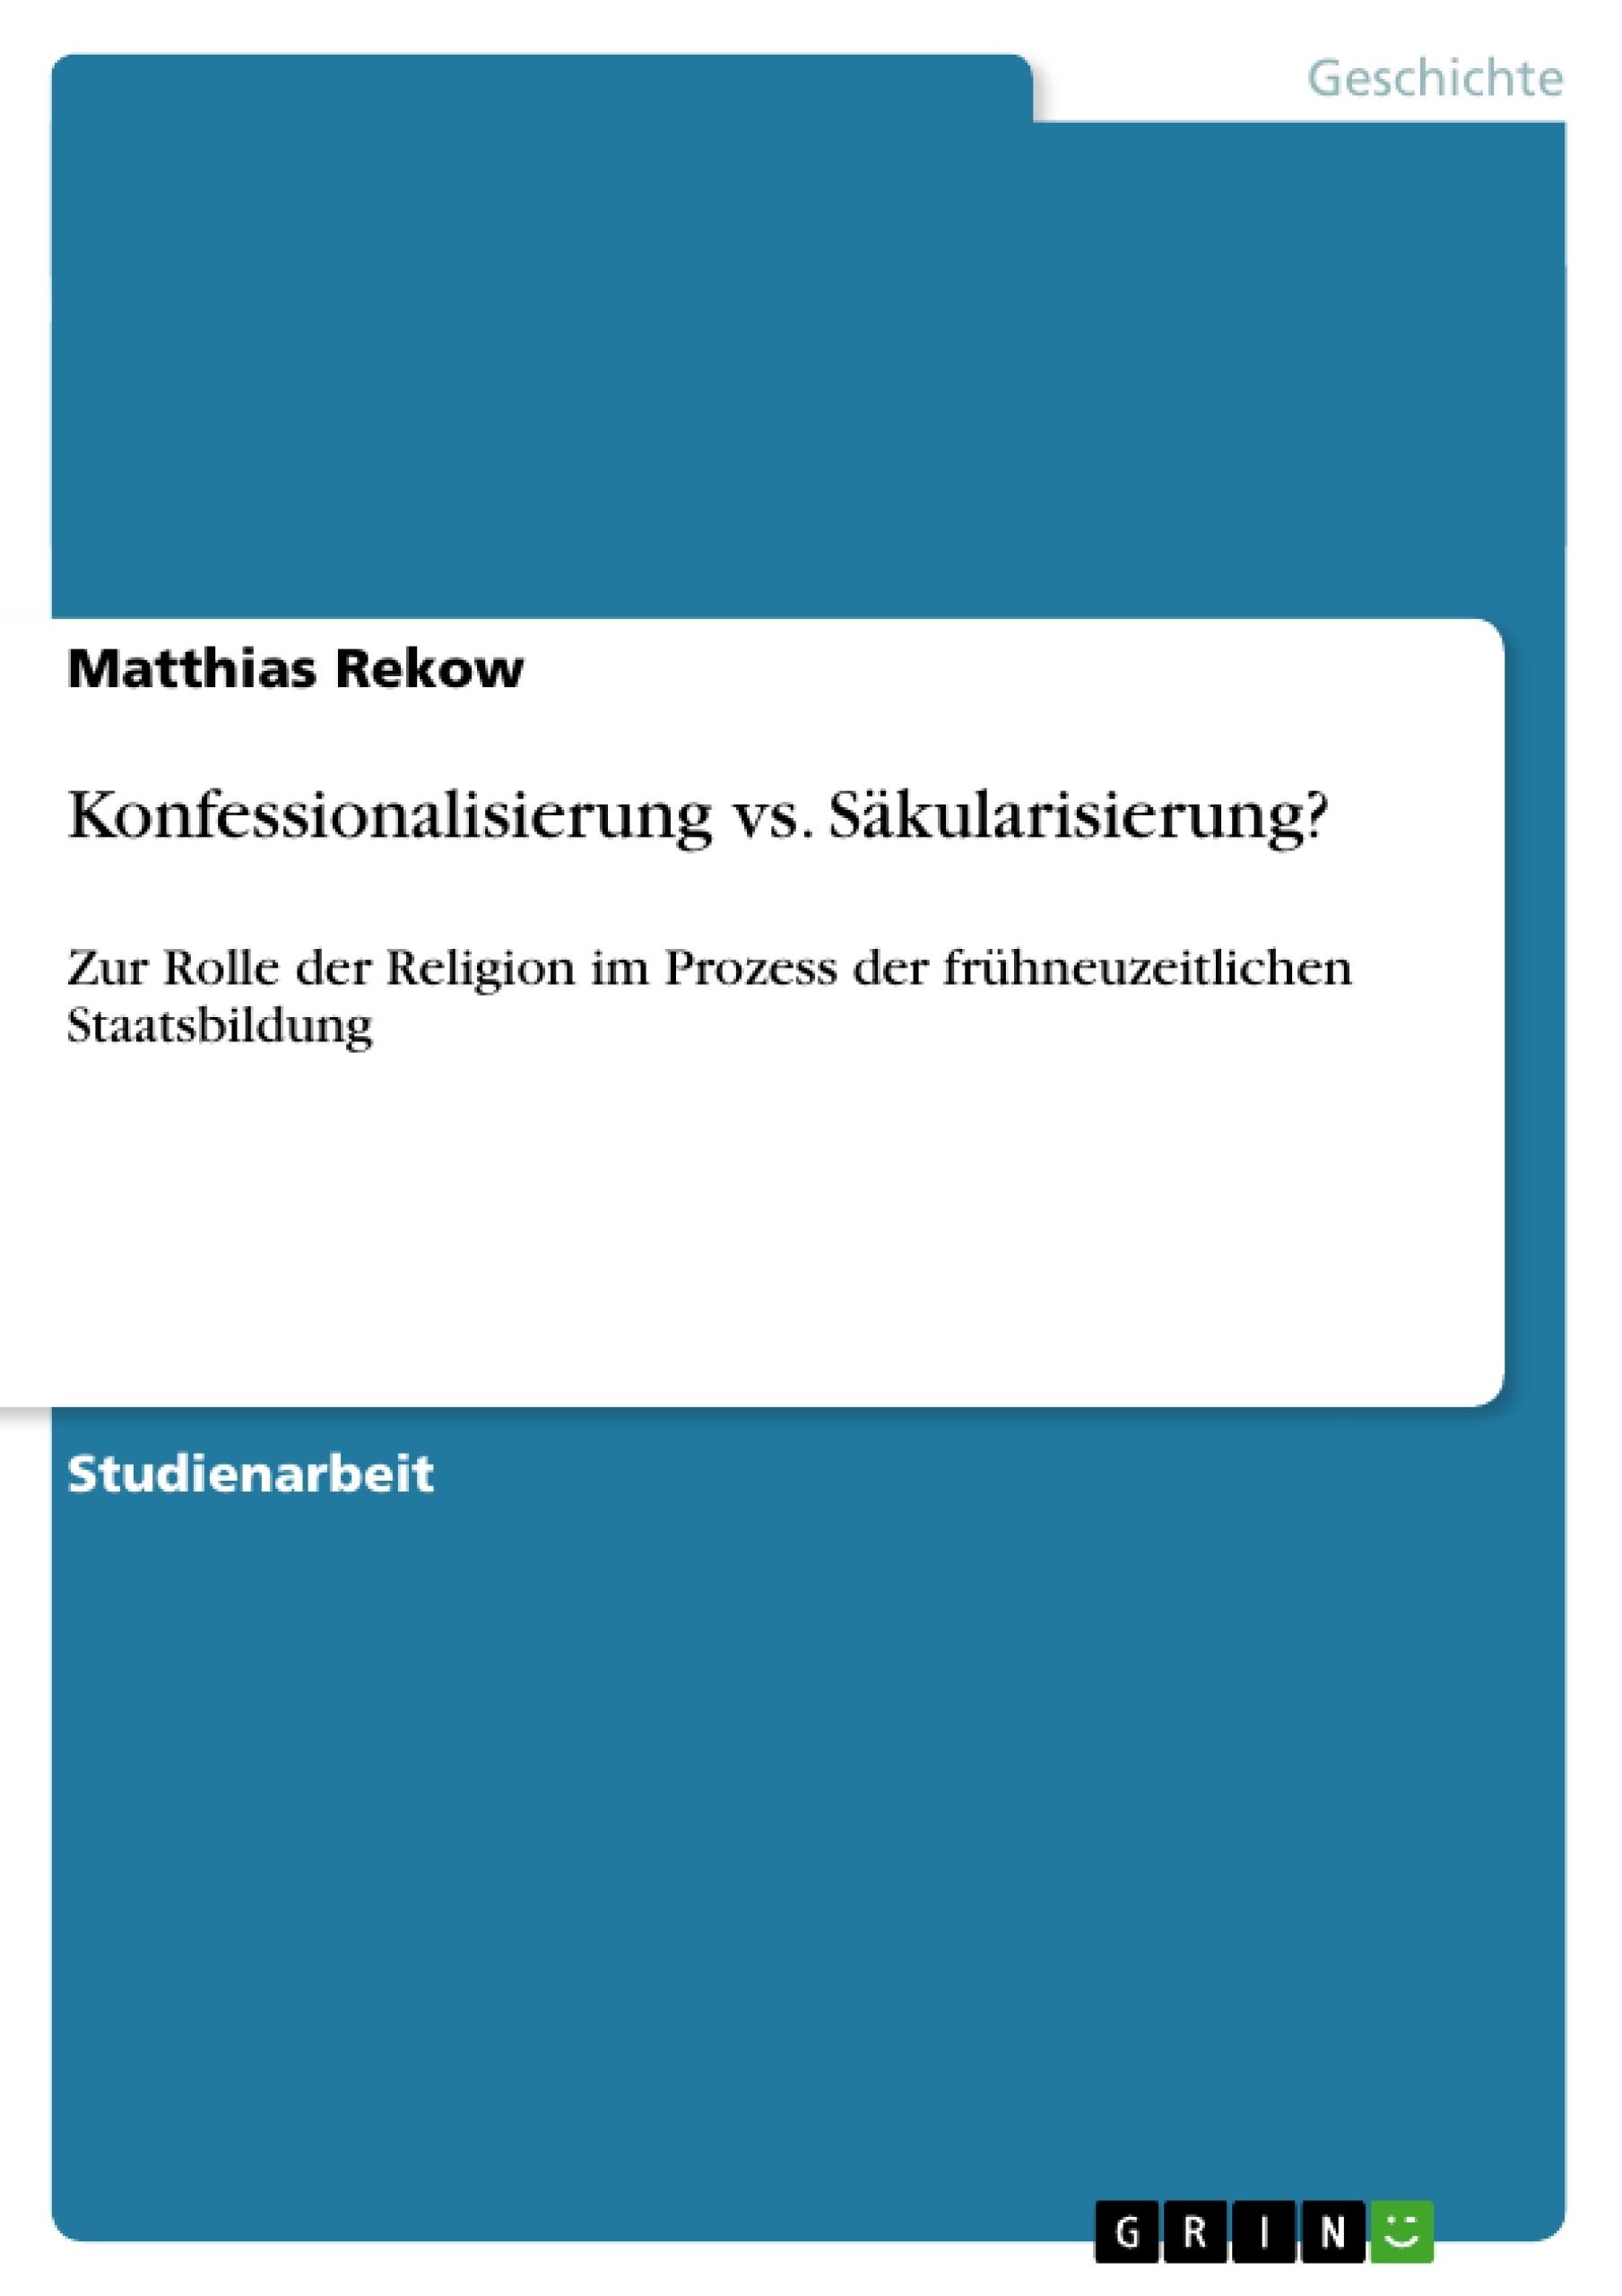 Titel: Konfessionalisierung vs. Säkularisierung?